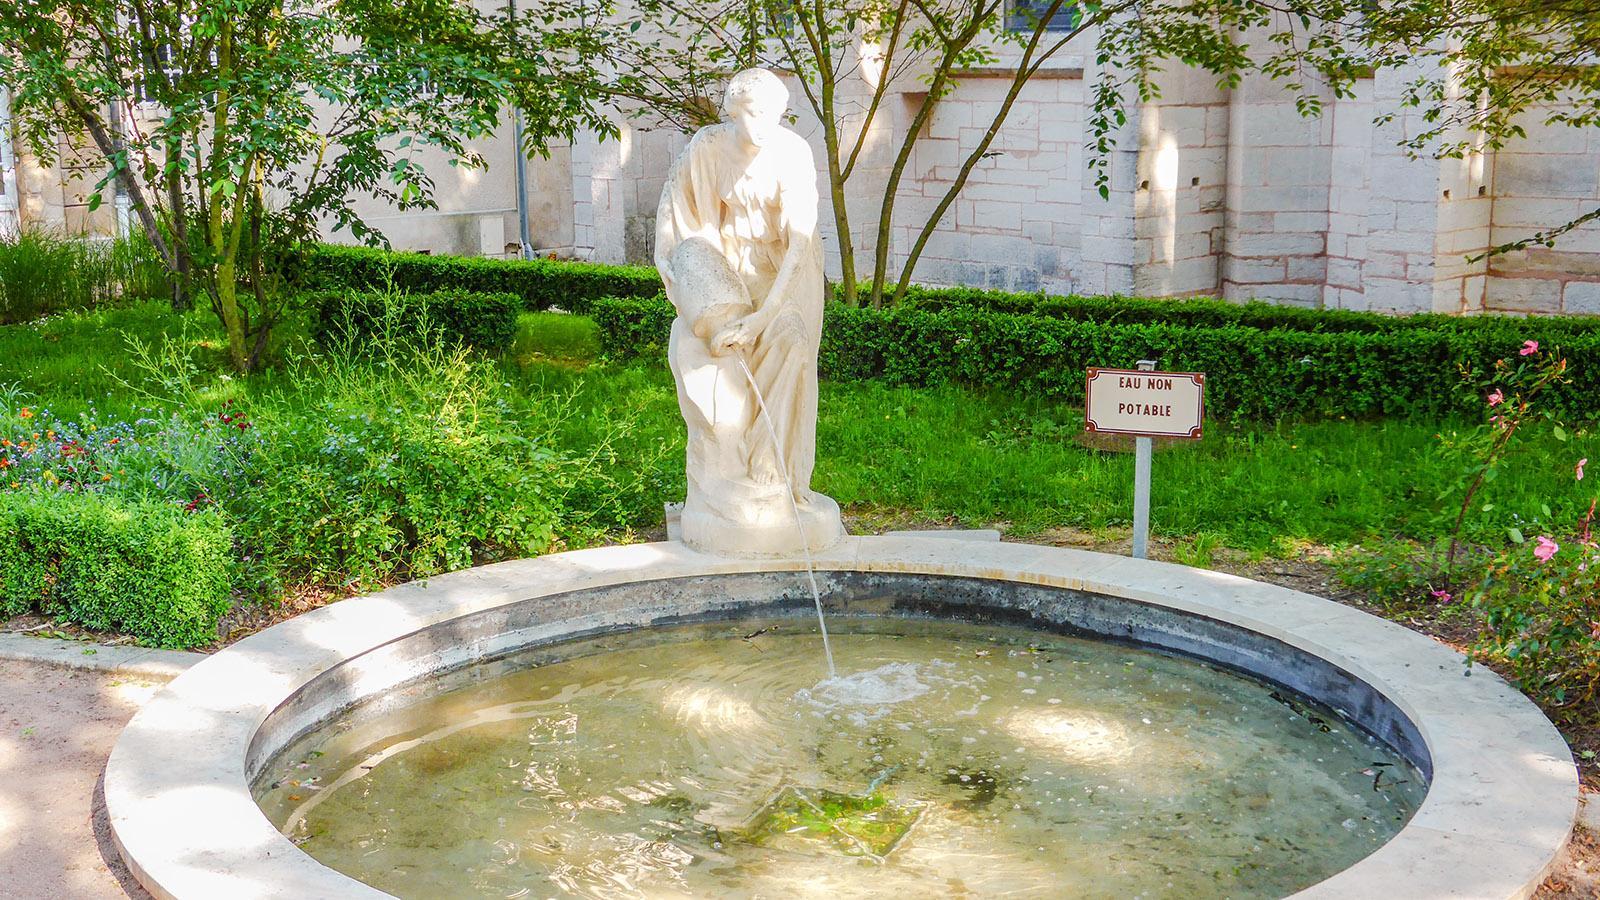 Semur-en-Auxois: Der Brunnen im Garten der Mairie. .Foto: Werner Münzel